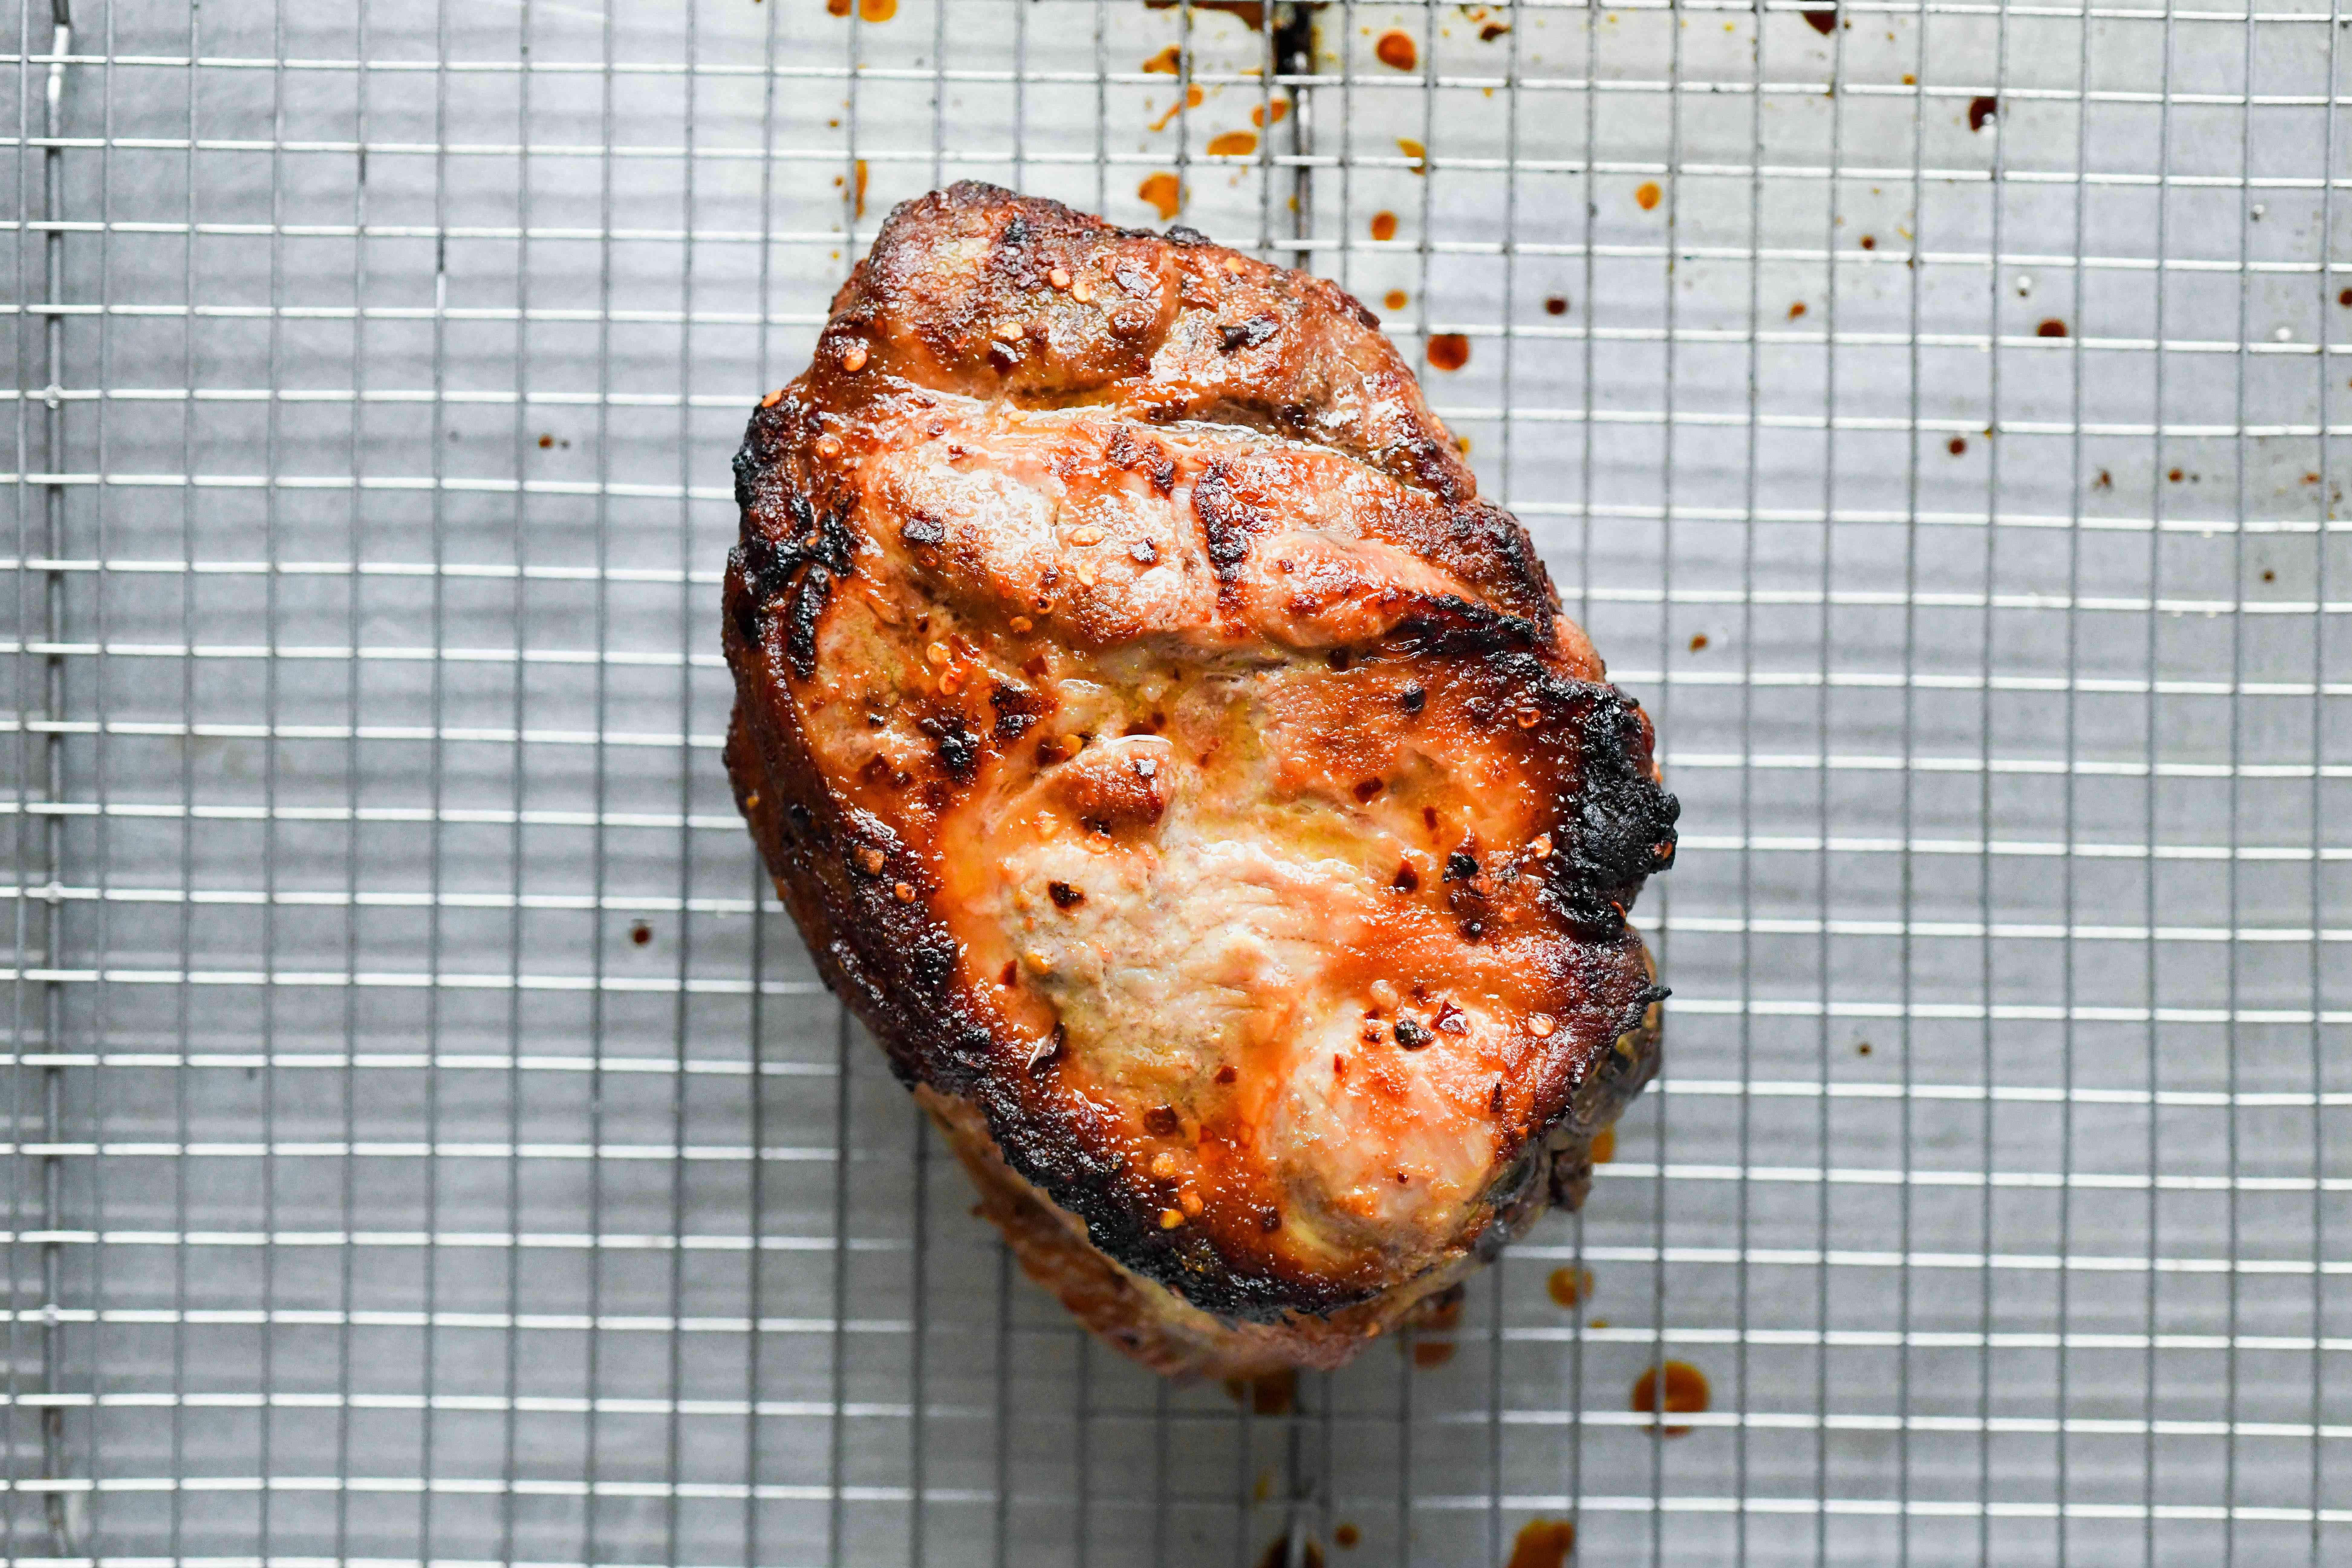 Roasted Pork shoulder on a roasting rack